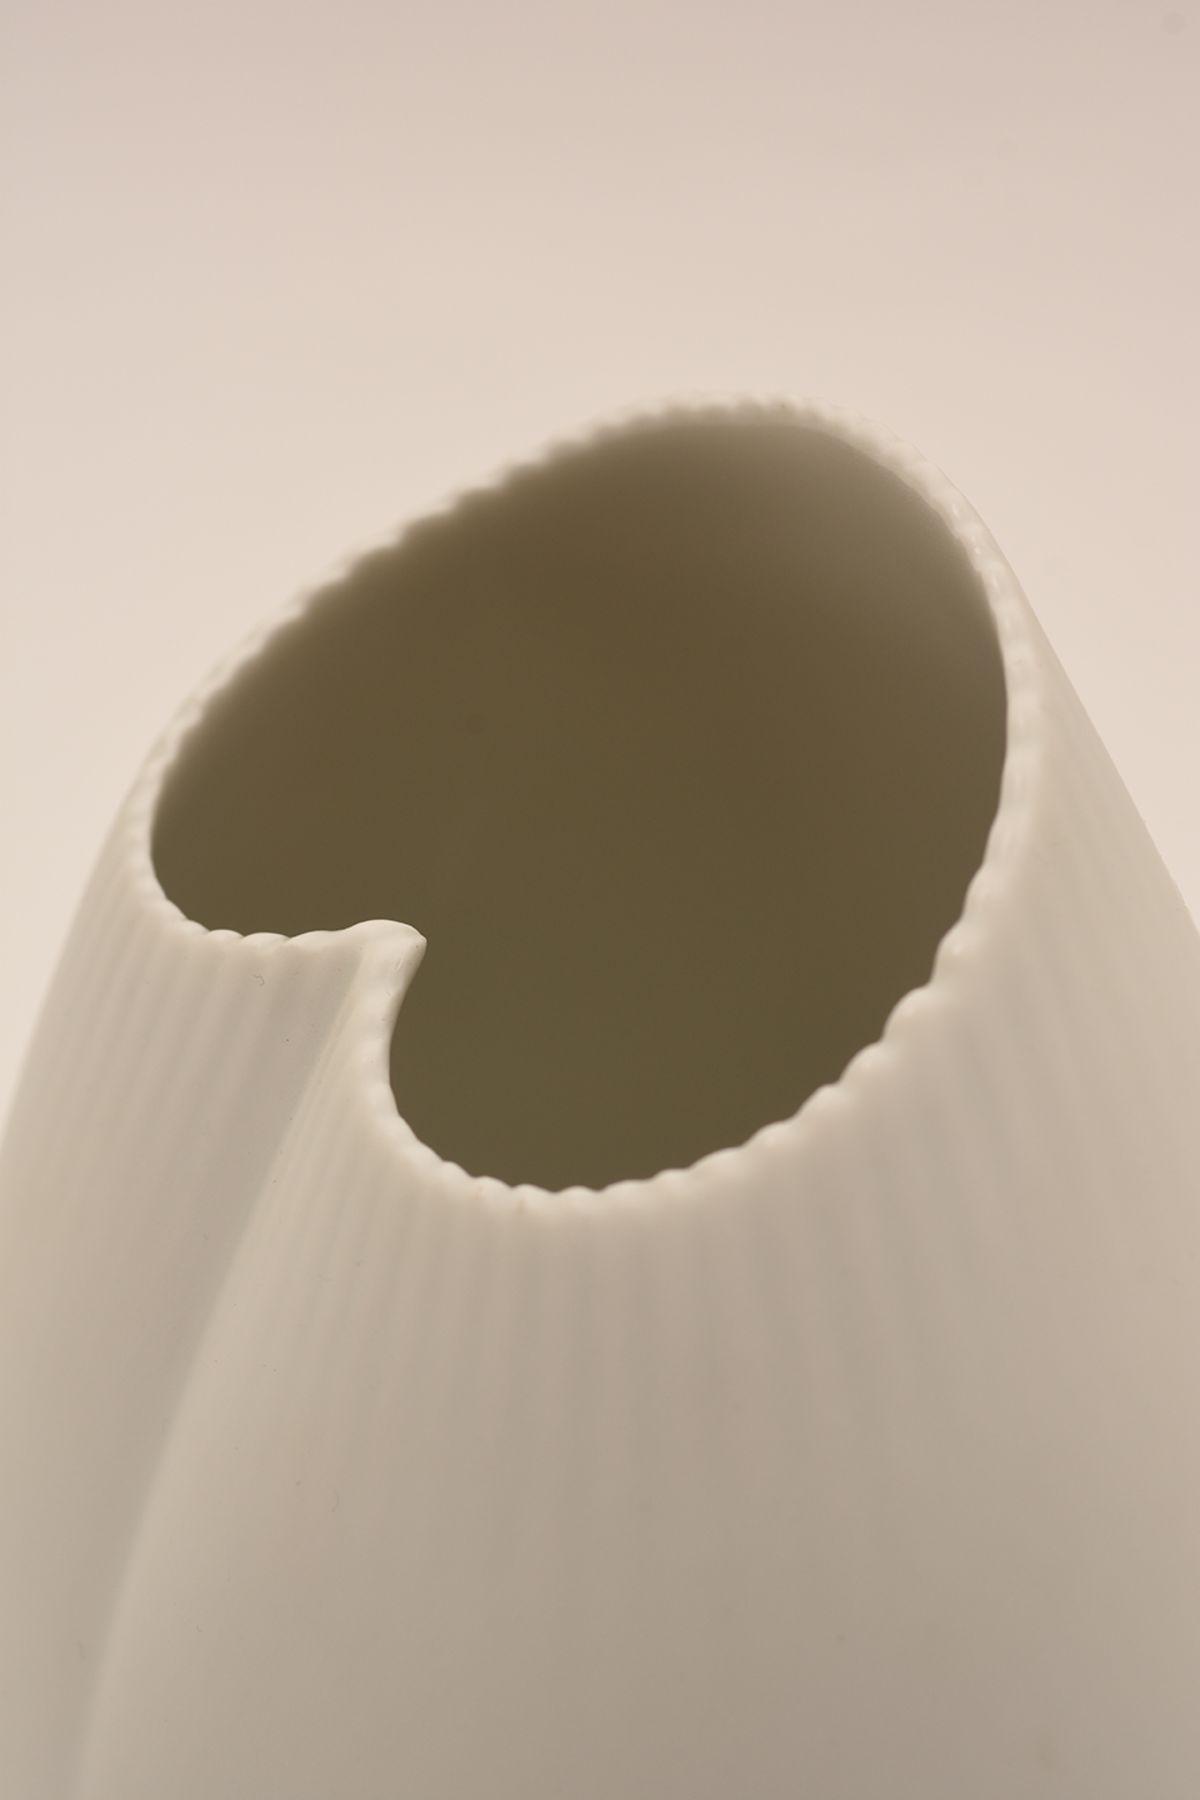 Tapio-Wirkkala_Vase-X-2739_Detail-02